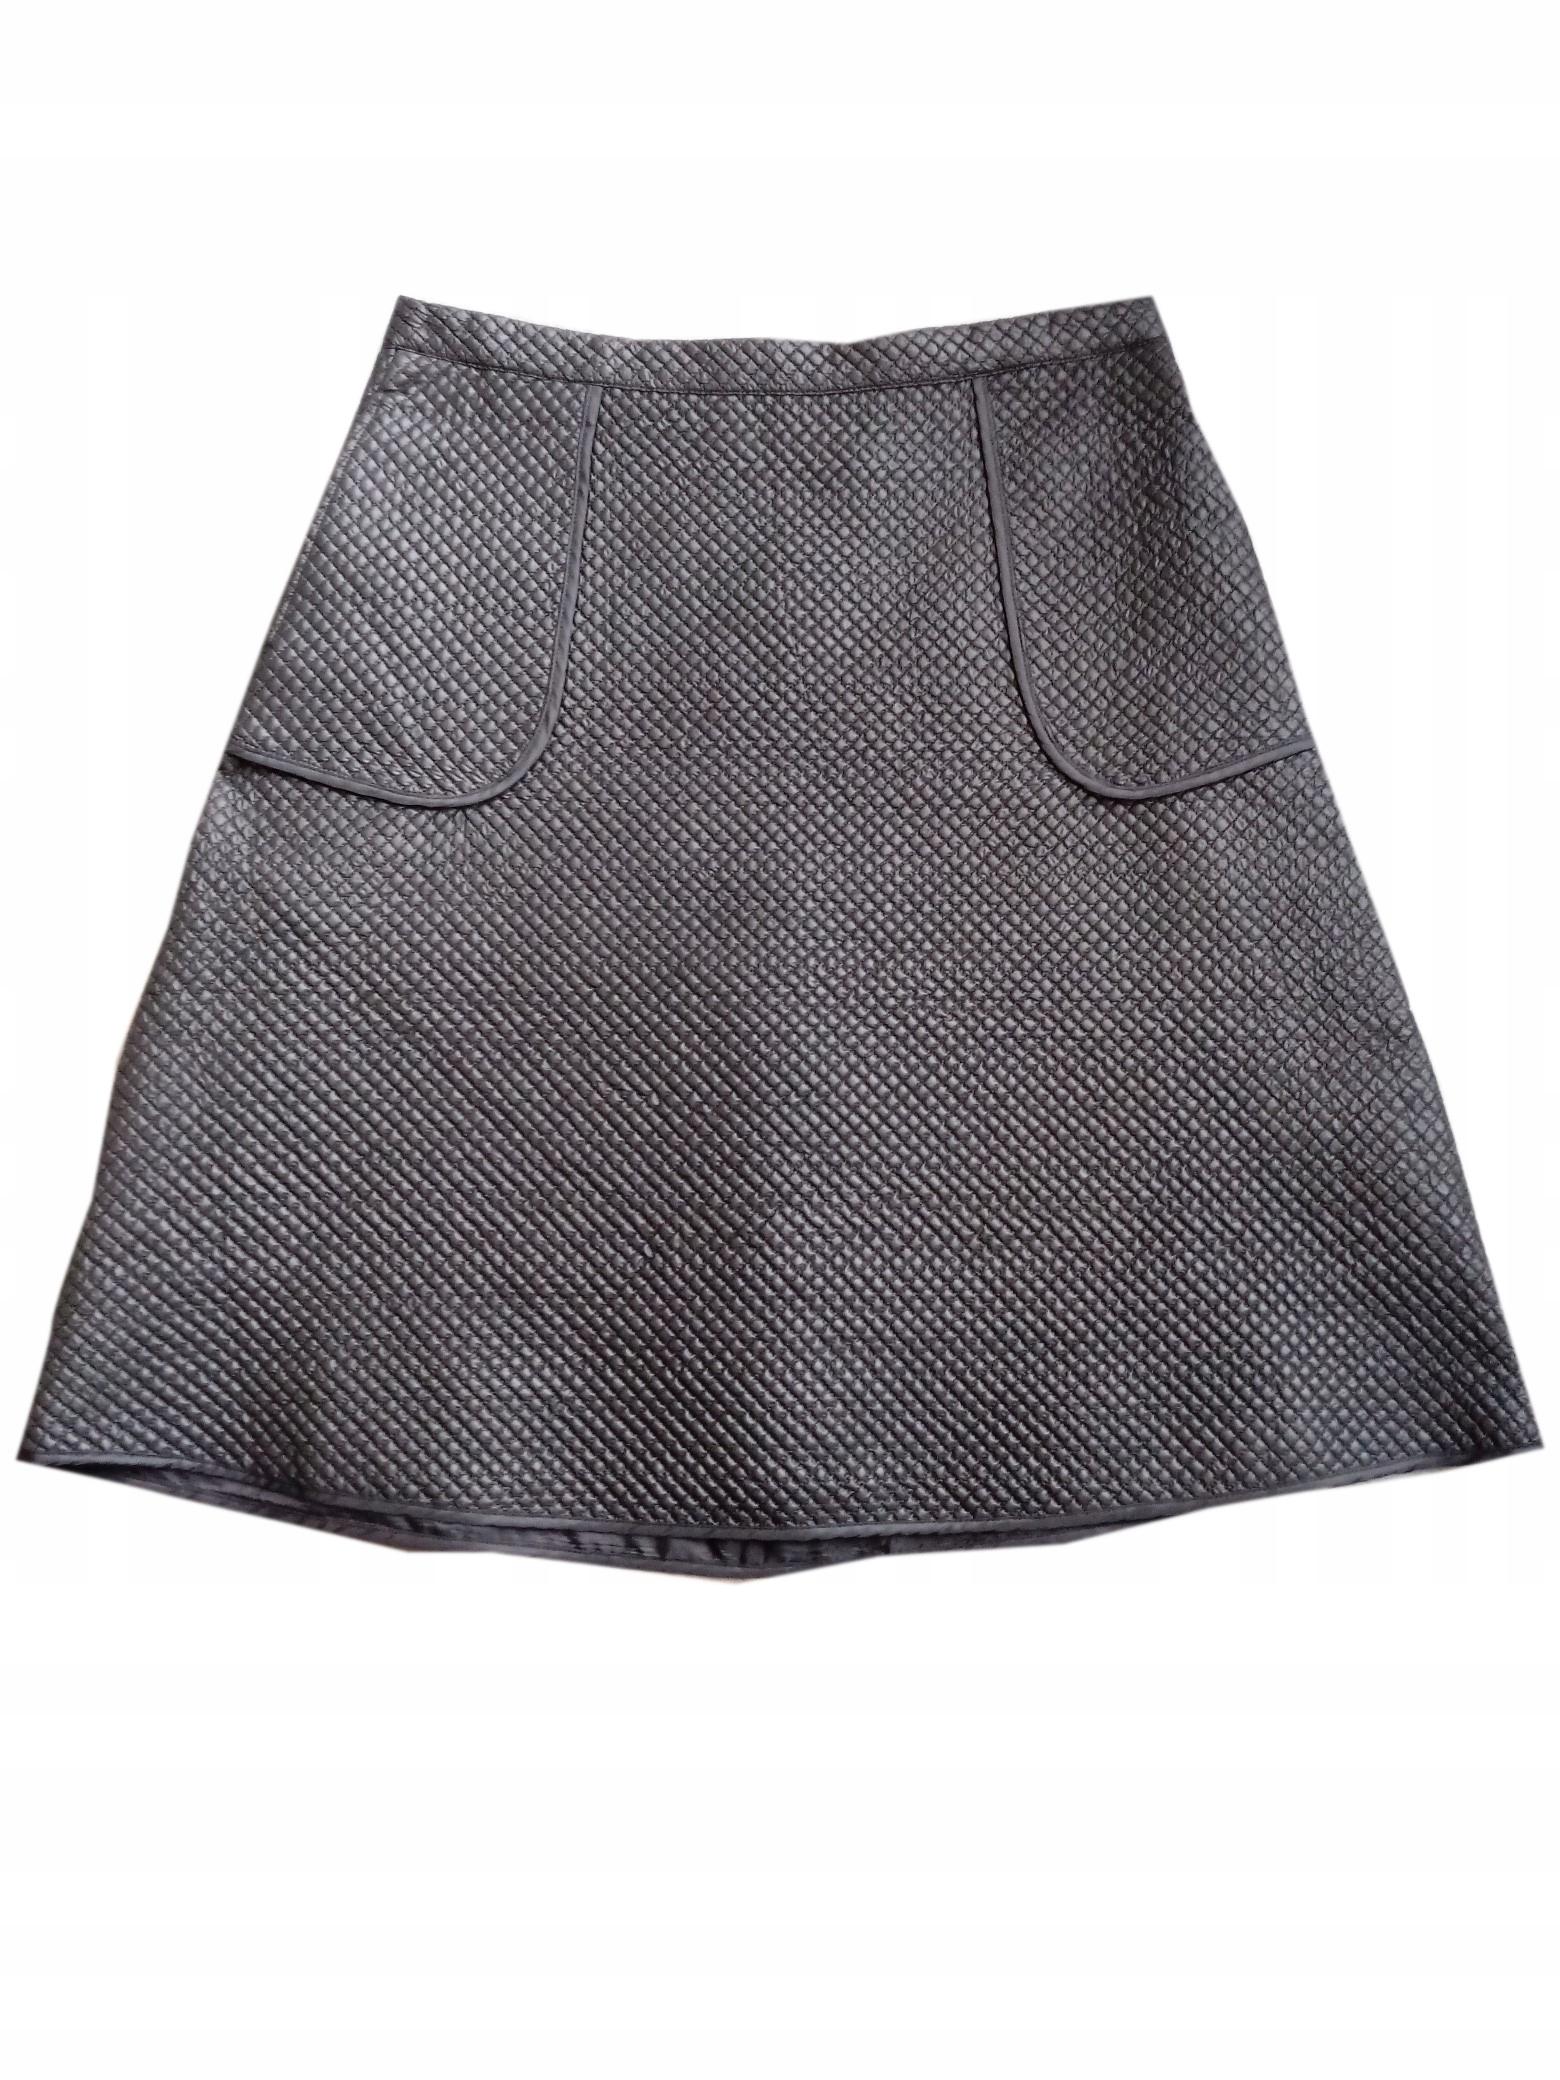 Czarna rozkloszowana spódnica Solar pikowana z koła